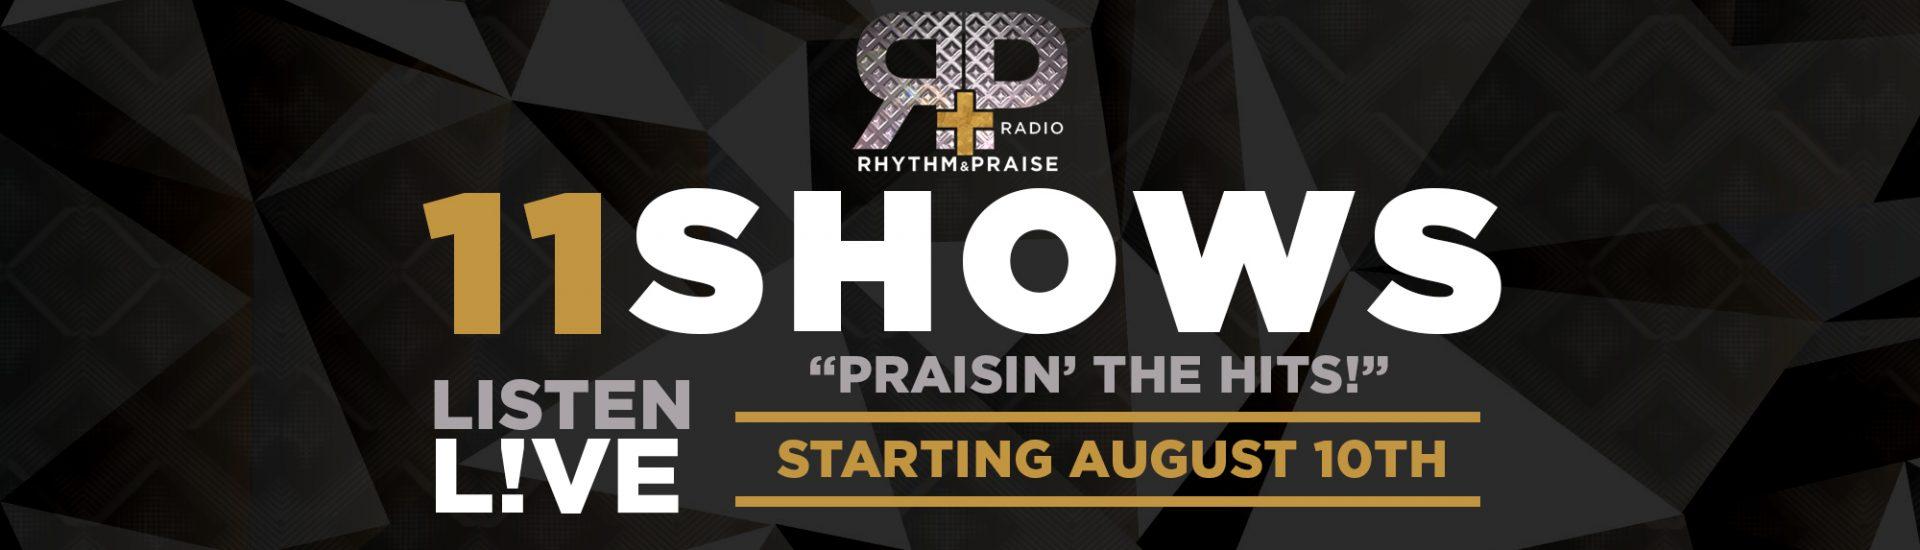 R&P Show 4